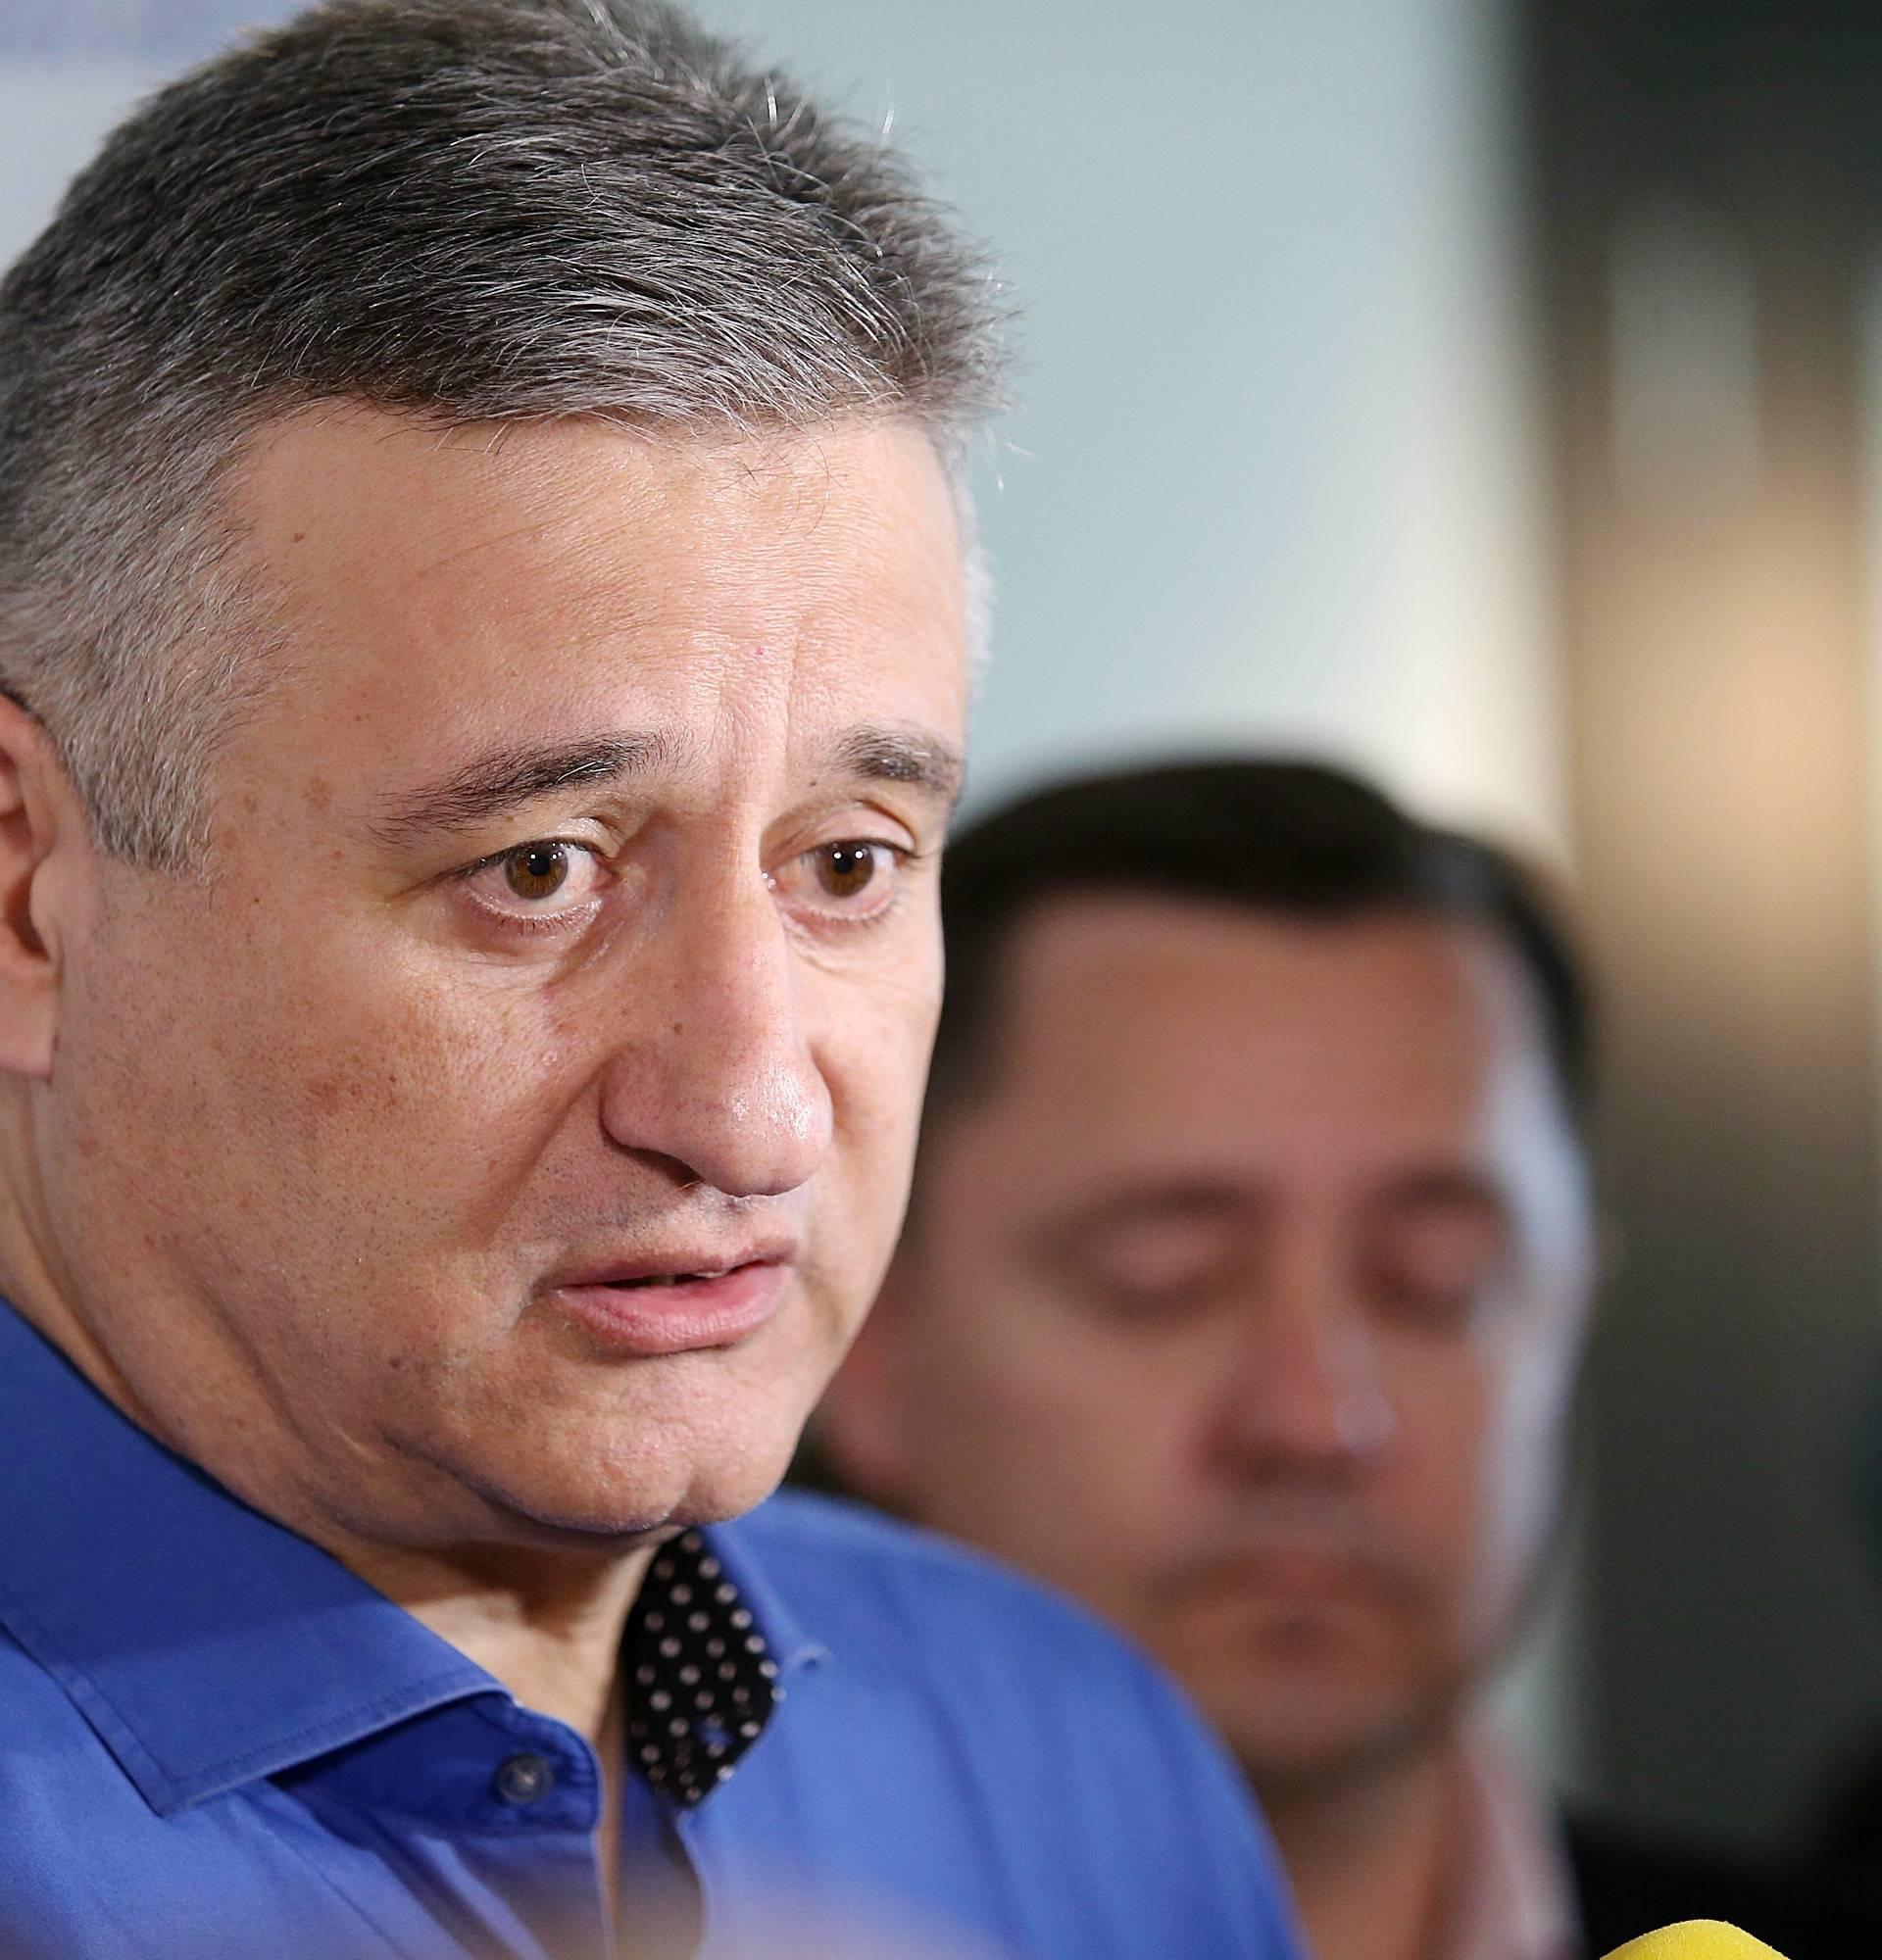 Ništa o ultimatumu: Šef HDZ-a čestitao majkama Majčin dan